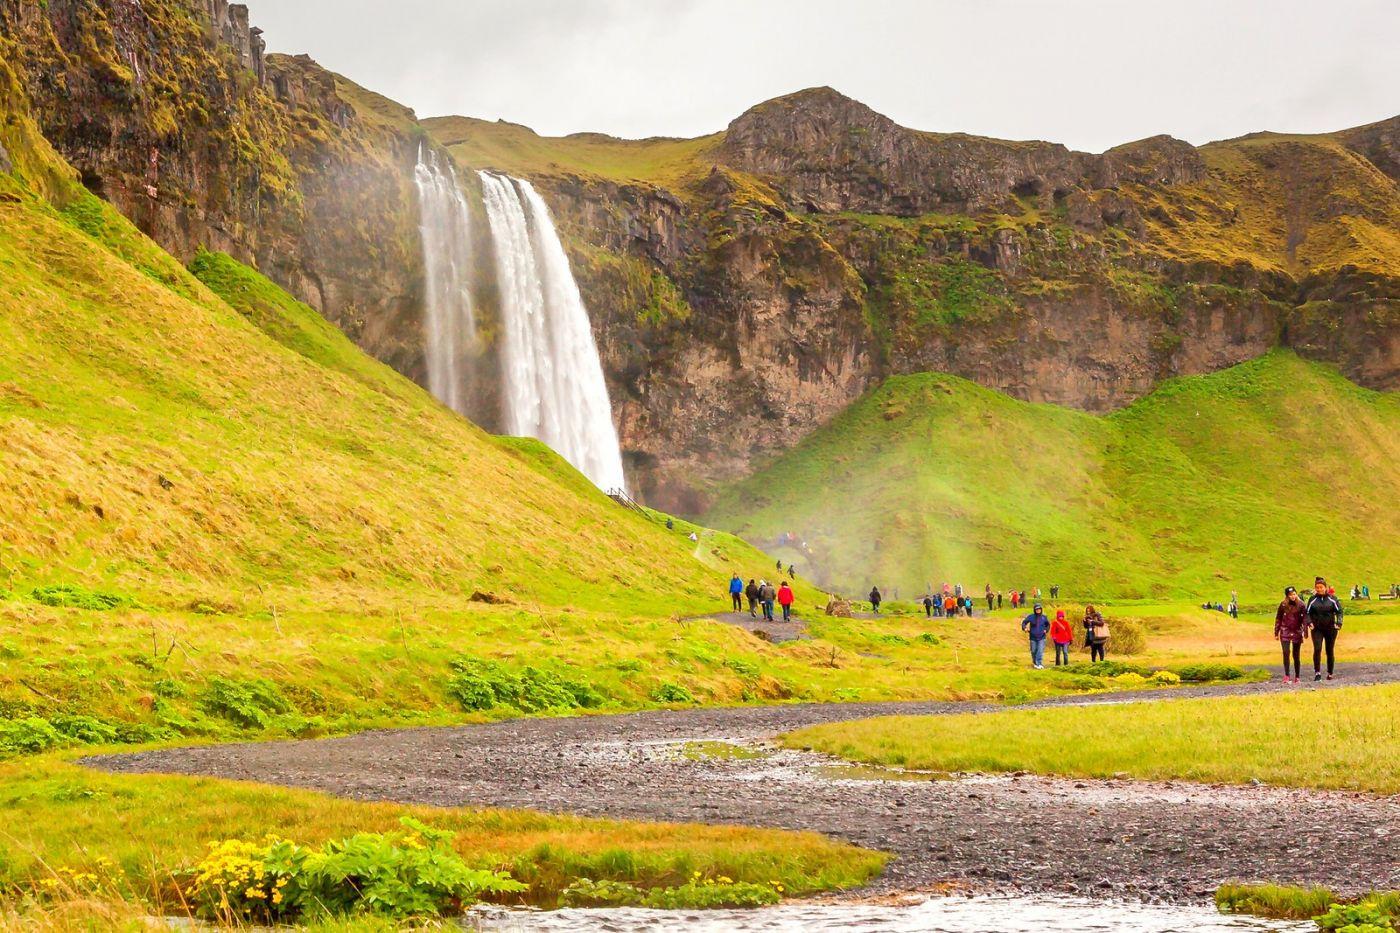 冰岛塞里雅兰瀑布(Seljalandsfoss),半空而下_图1-12